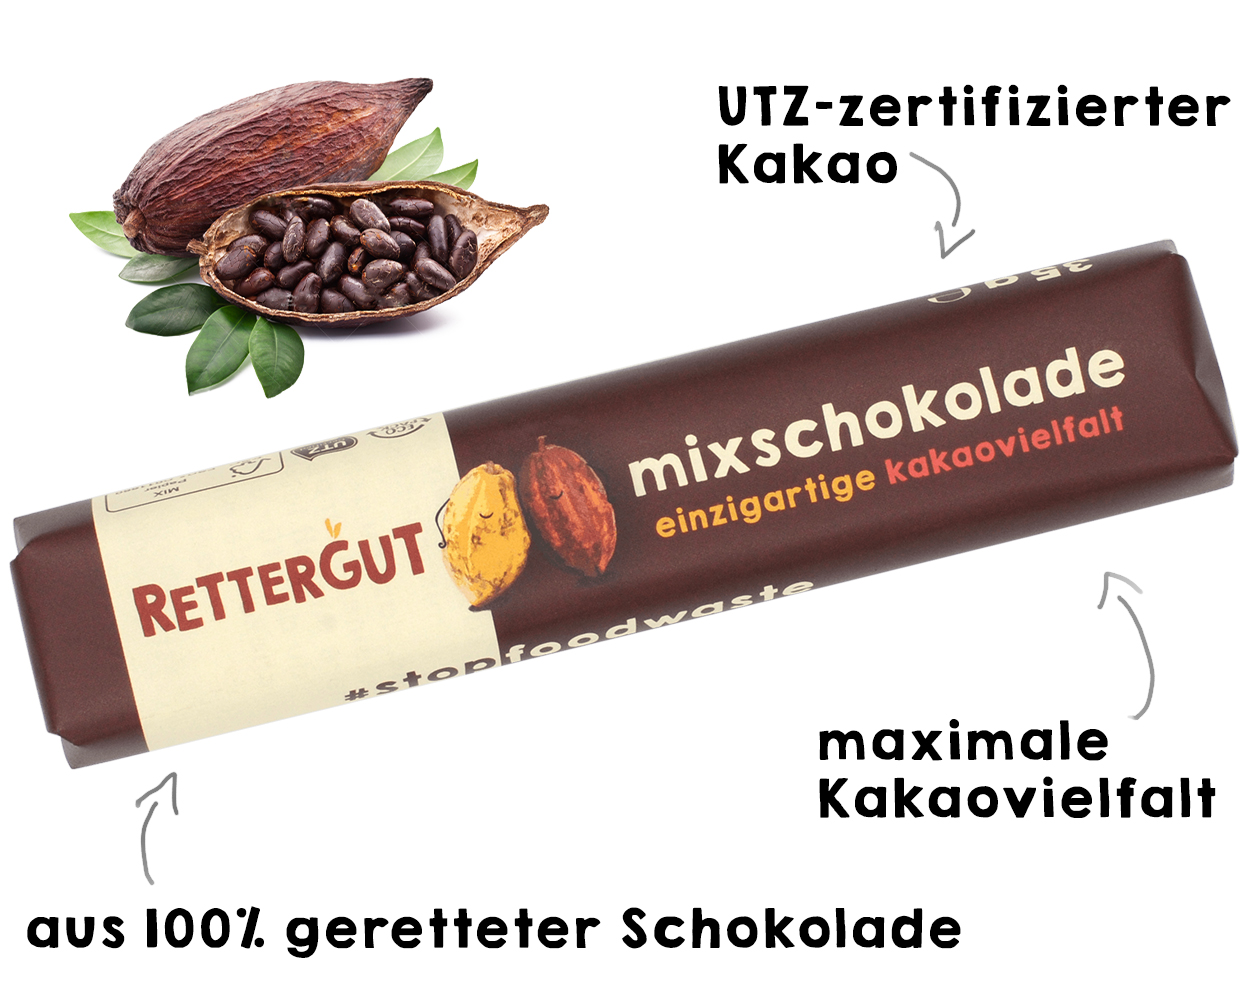 Lebensmittel-Retter - mixschokolade